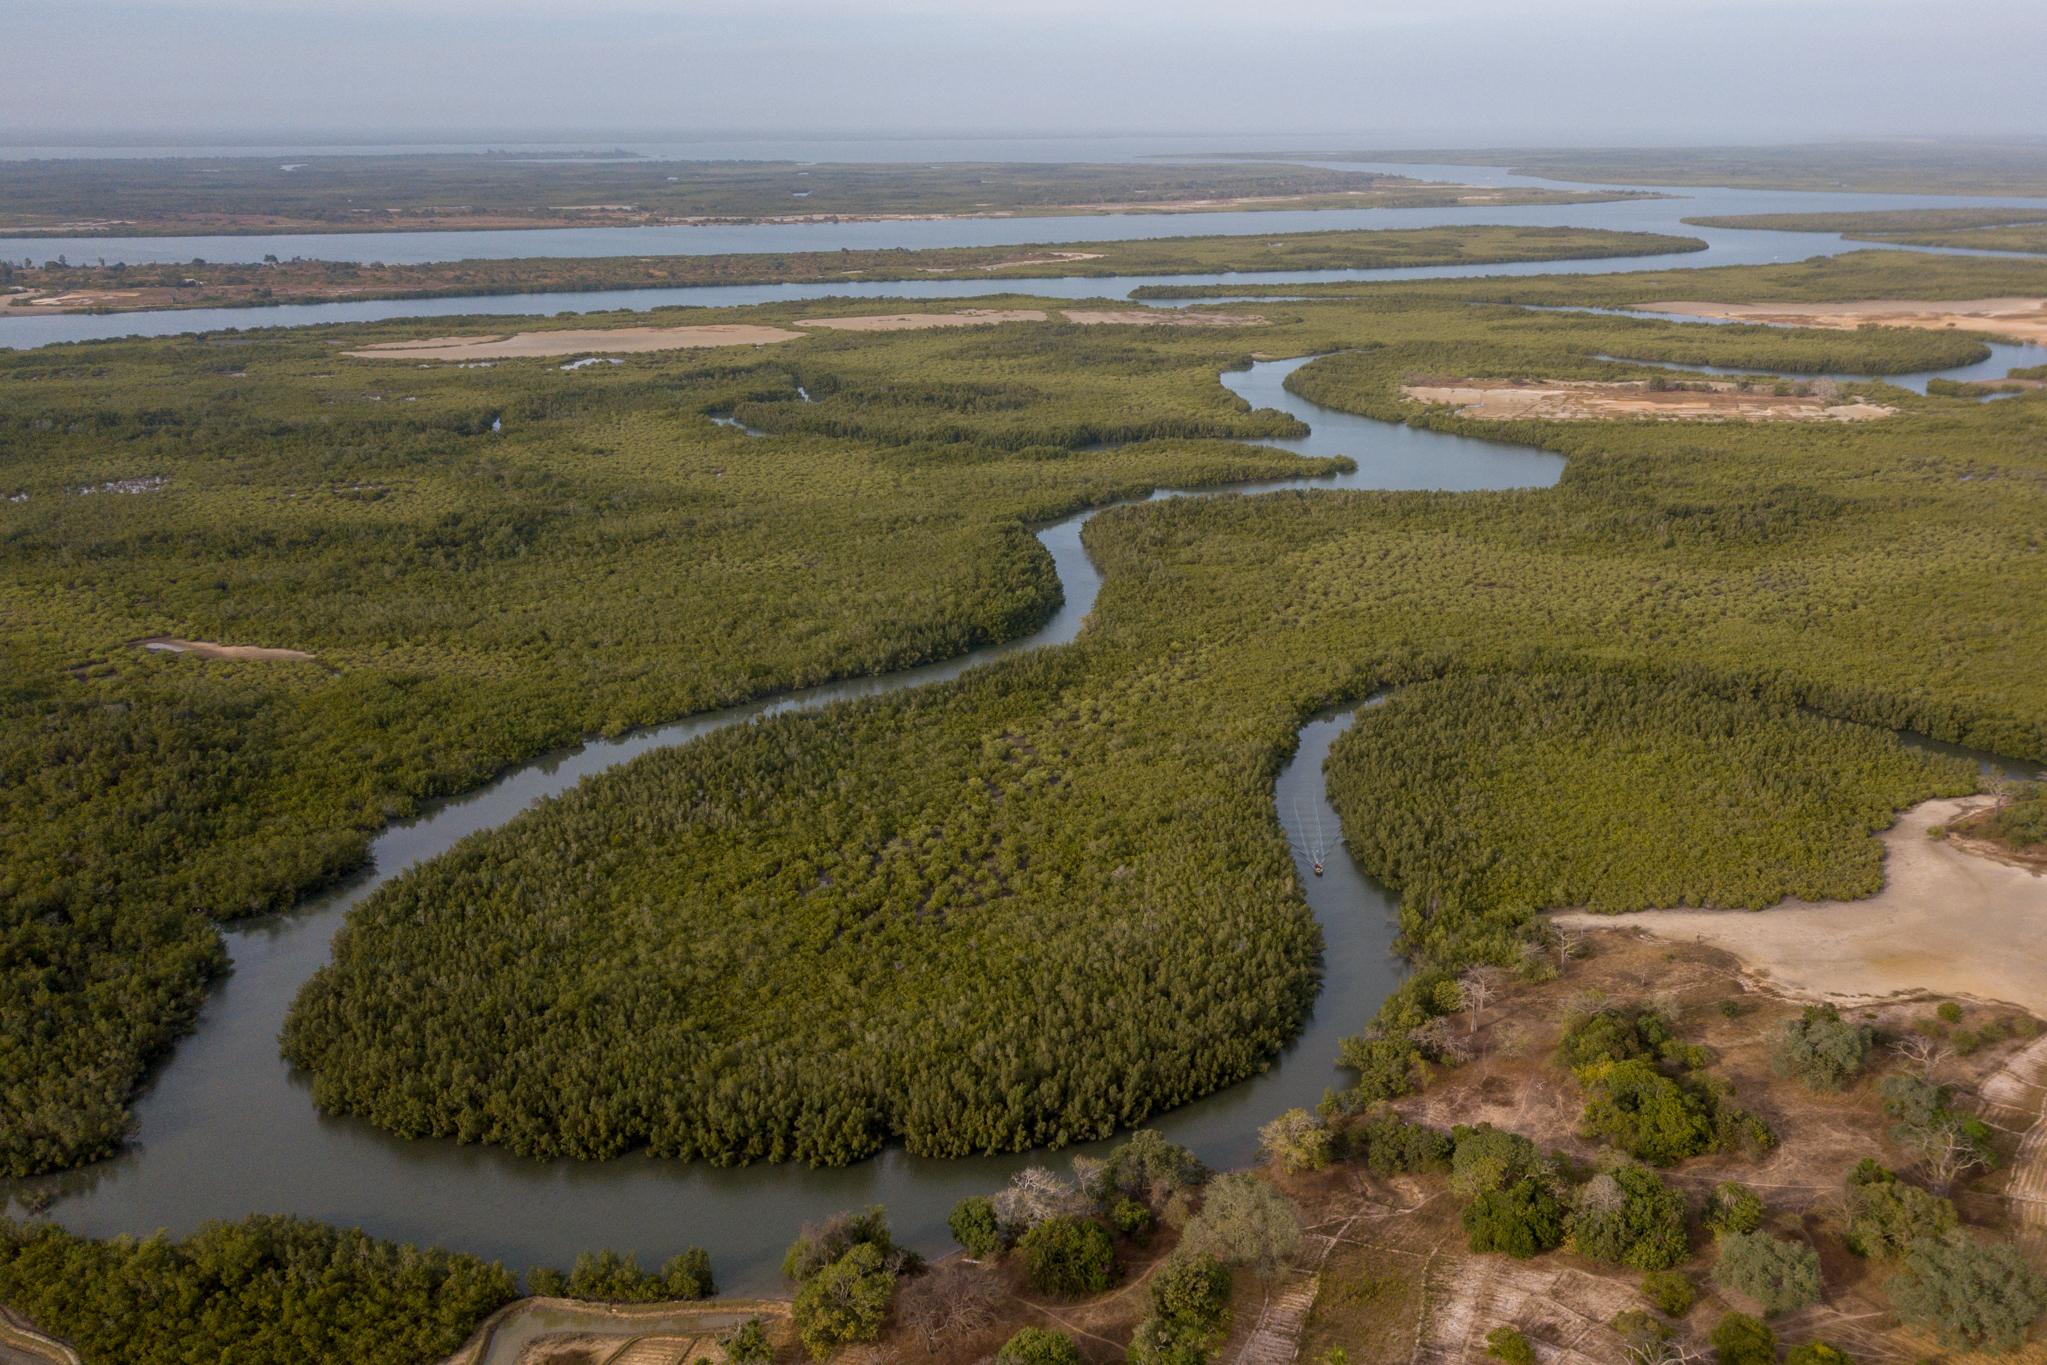 mangrove-efrane-csamance-senegal